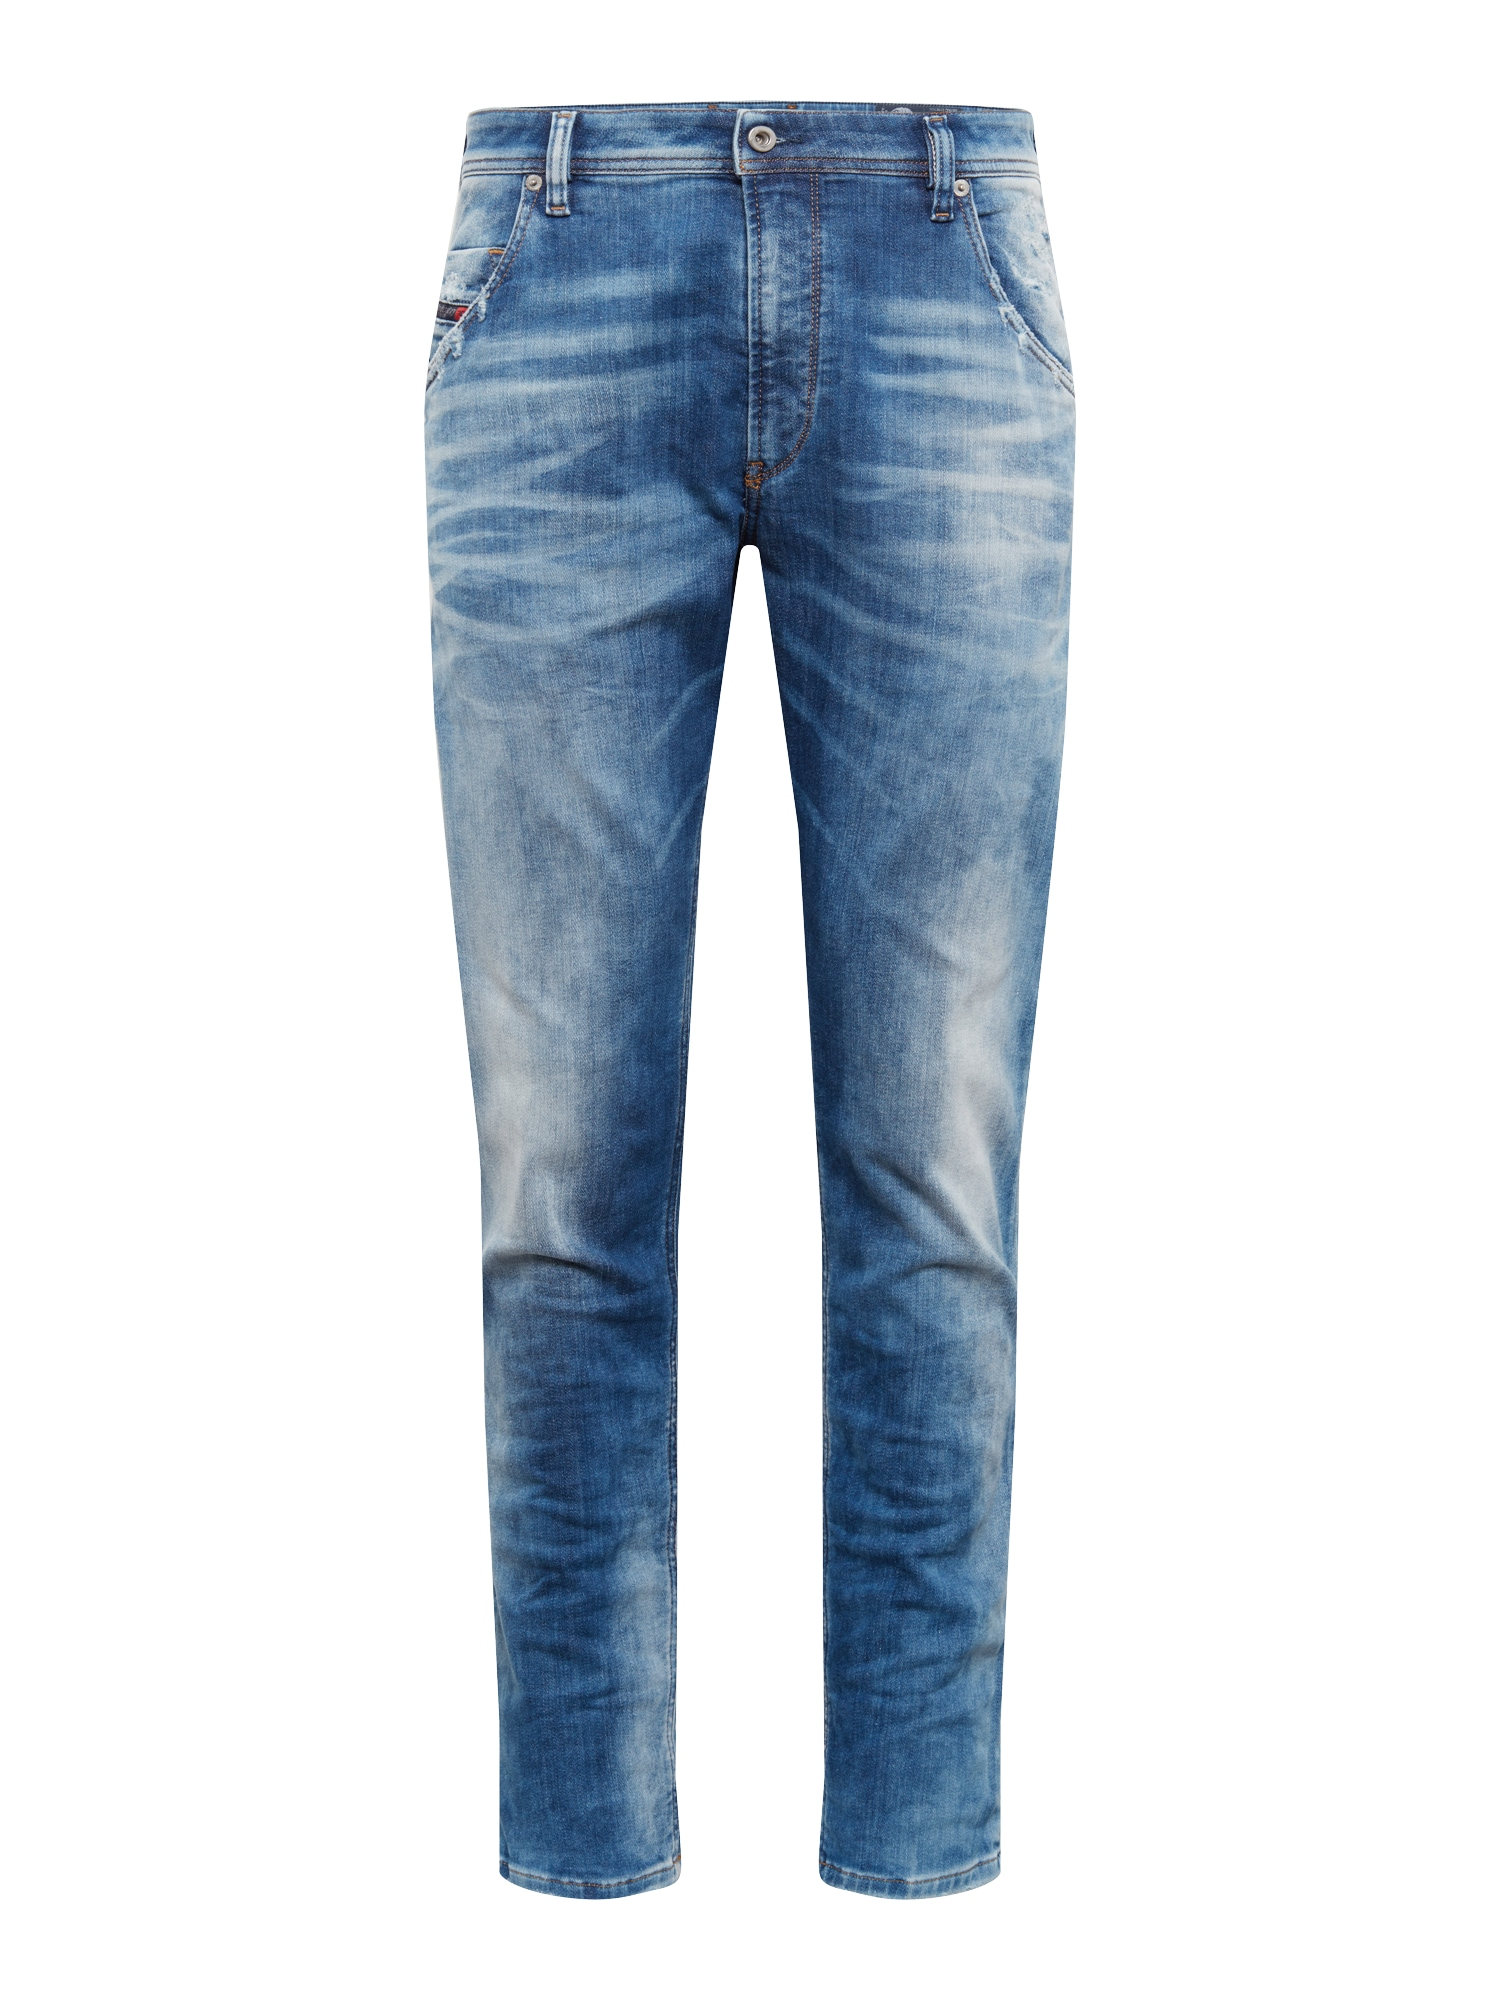 Džíny KROOLEY-T Sweat jeans modrá džínovina DIESEL